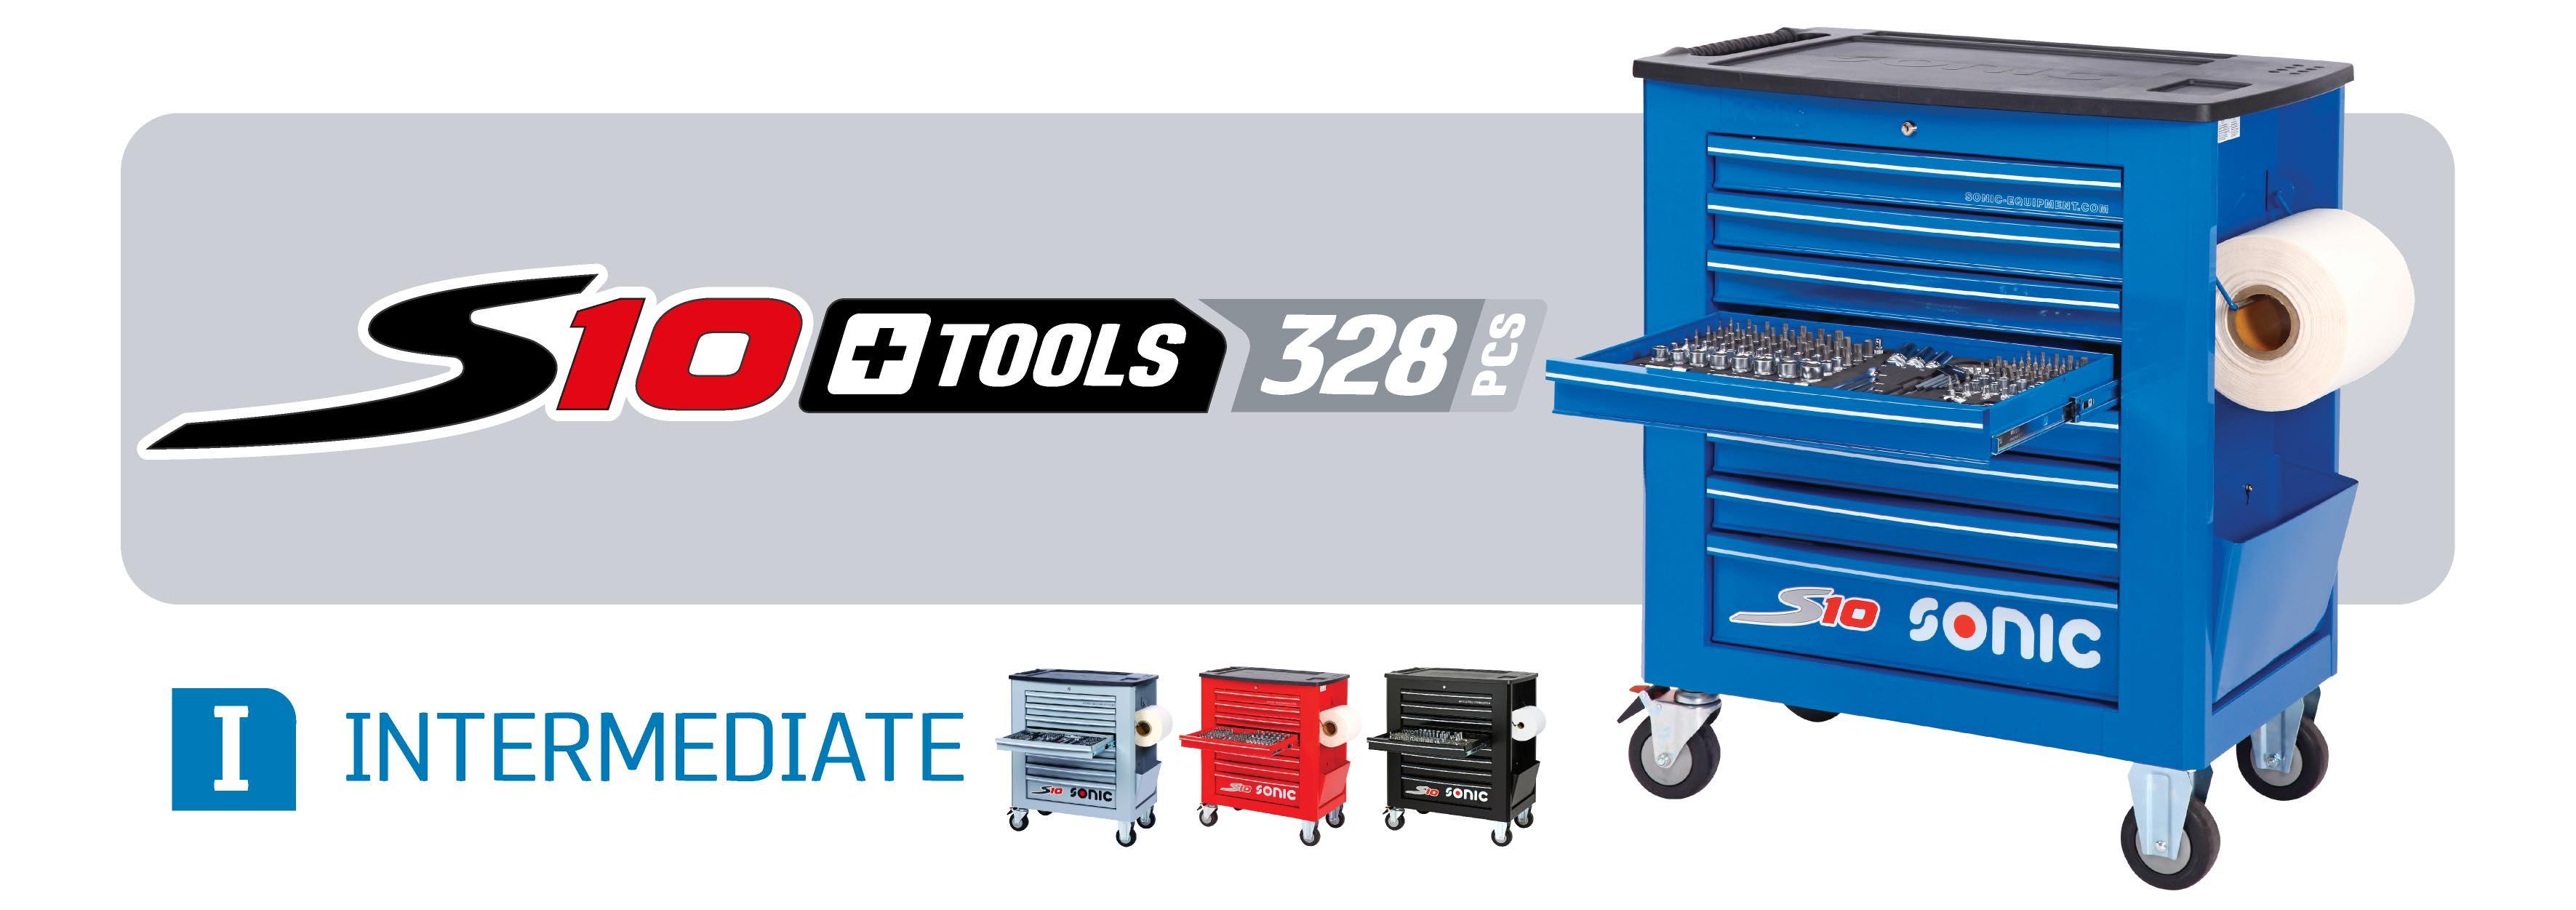 S10 BMW工具箱与工具